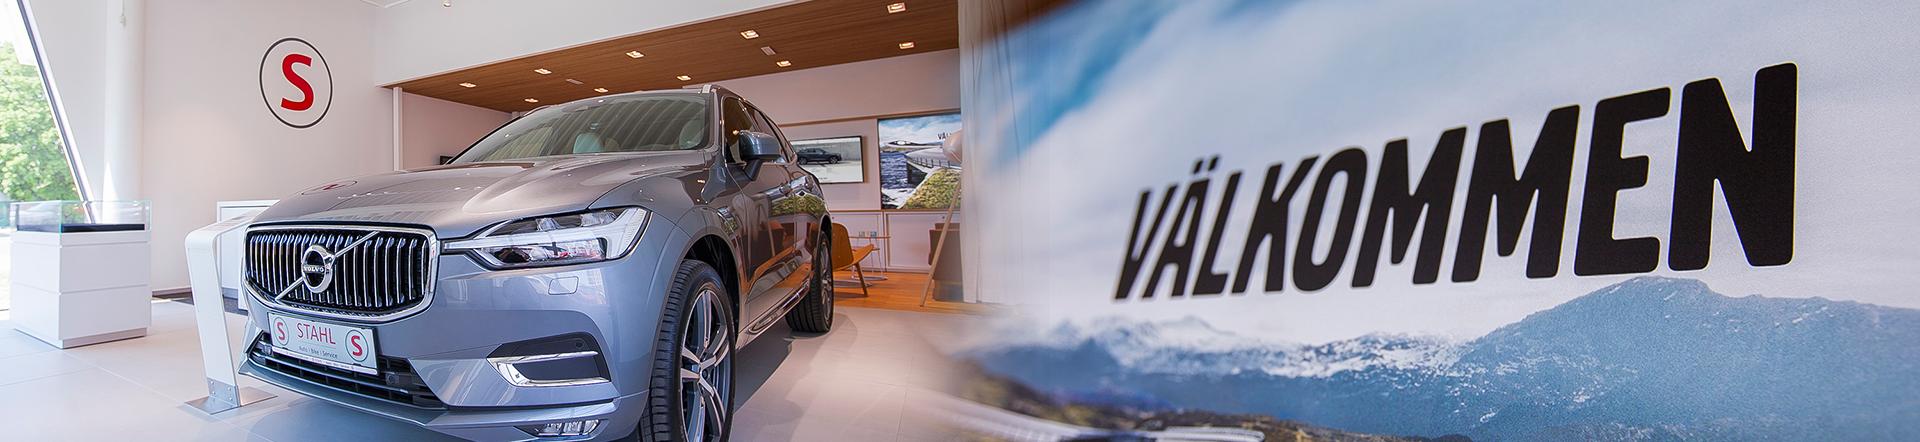 Altersrabattaktion Volvo bei AUTO STAHL Wien 21